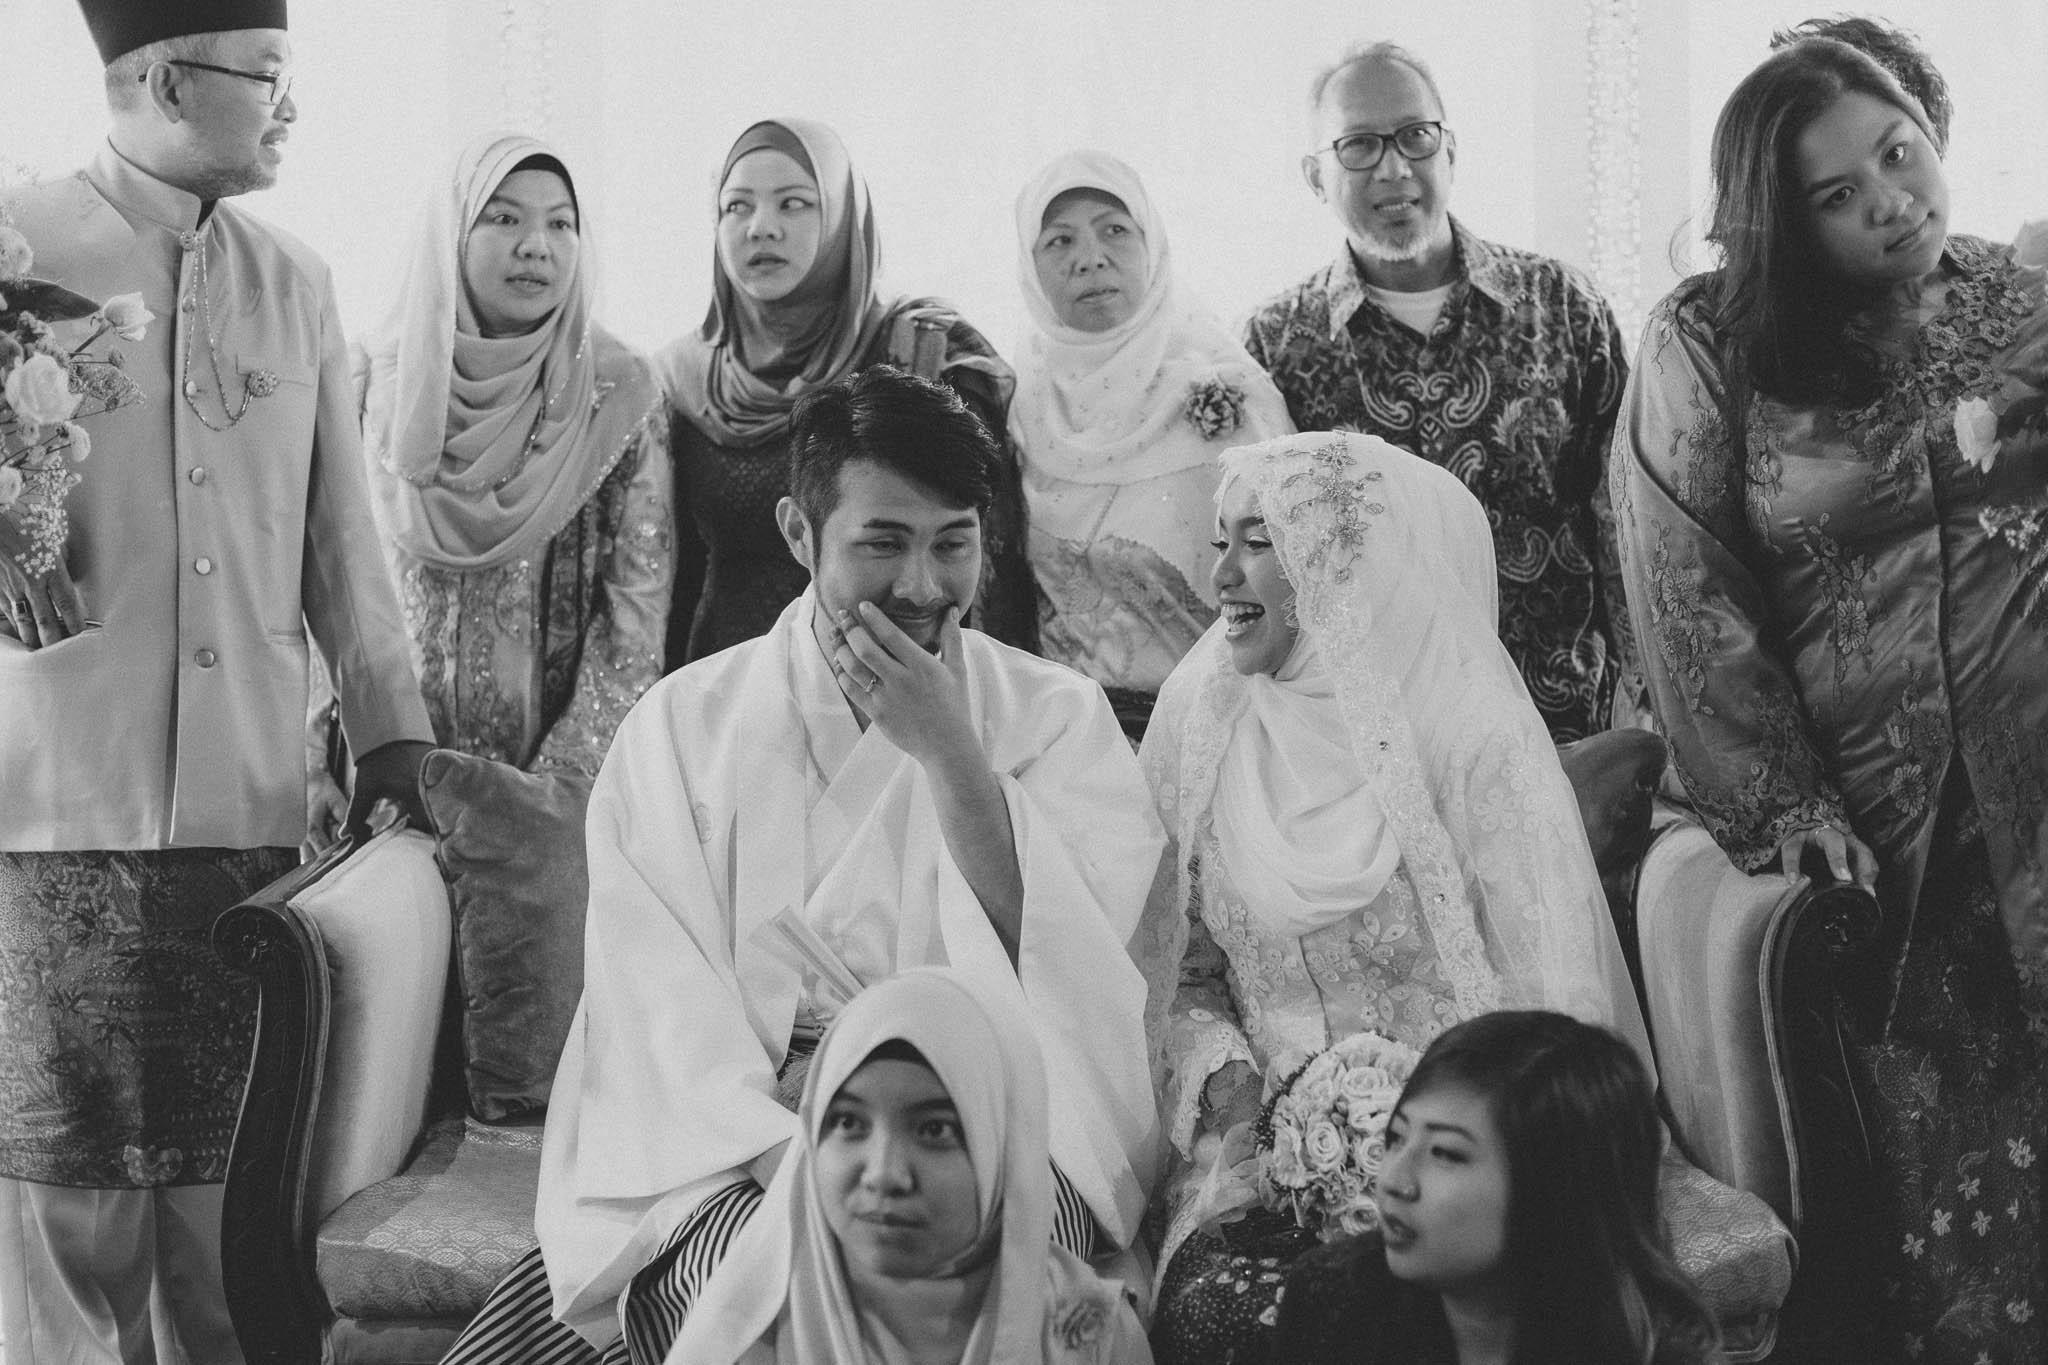 singapore-wedding-photographer-travel-wemadethese-atara-hafizah-26.jpg